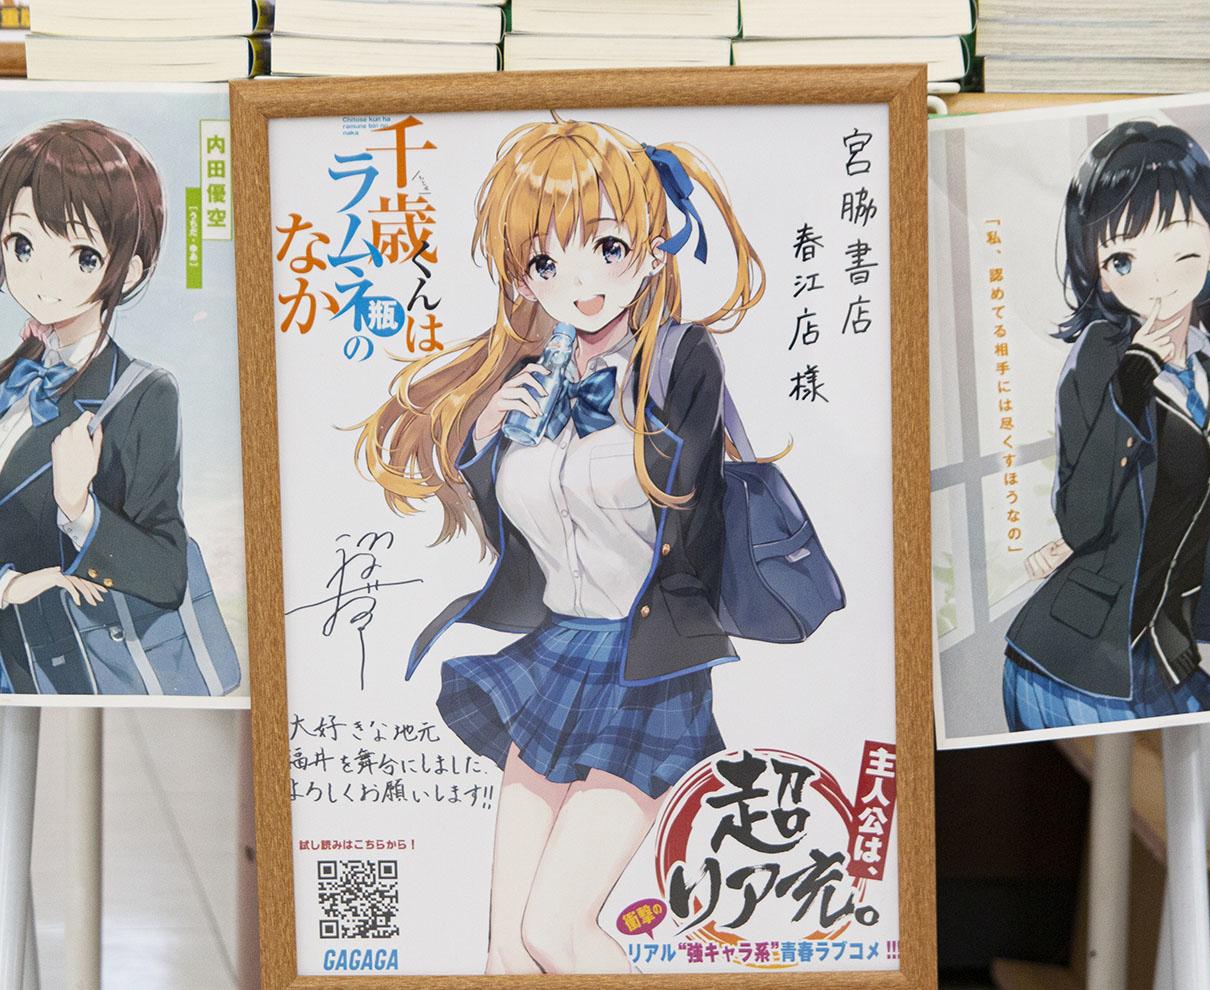 チラムネ、このすば、福井組の作品がエモい! ラノベ業界を席巻する日は近い!?